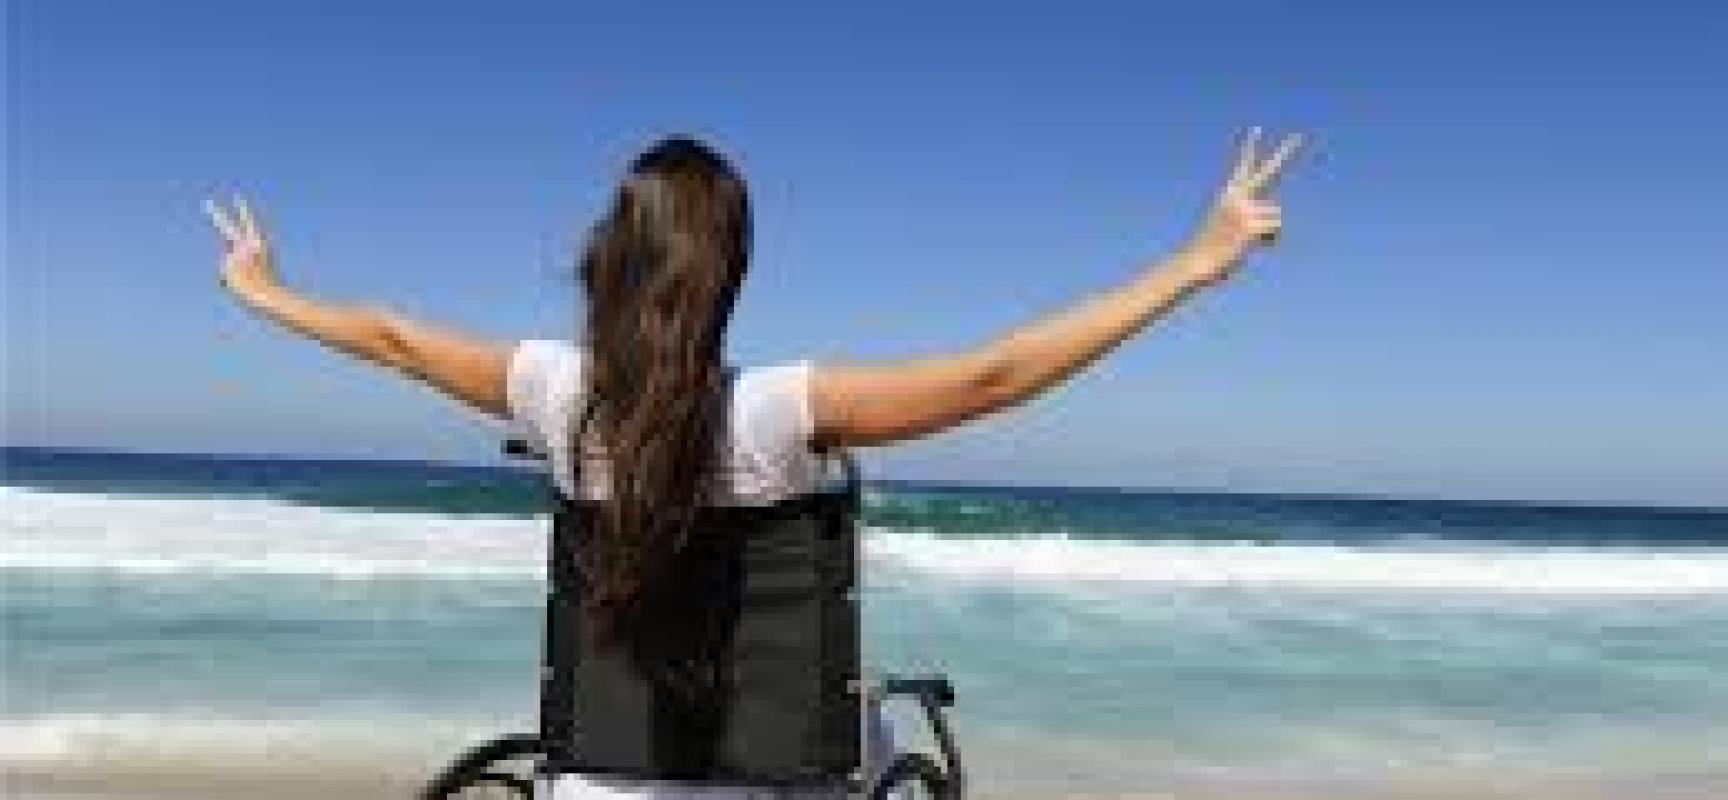 Spiagge accessibili: disabili e turismo, Toscana aderirà a Bandiera Lilla